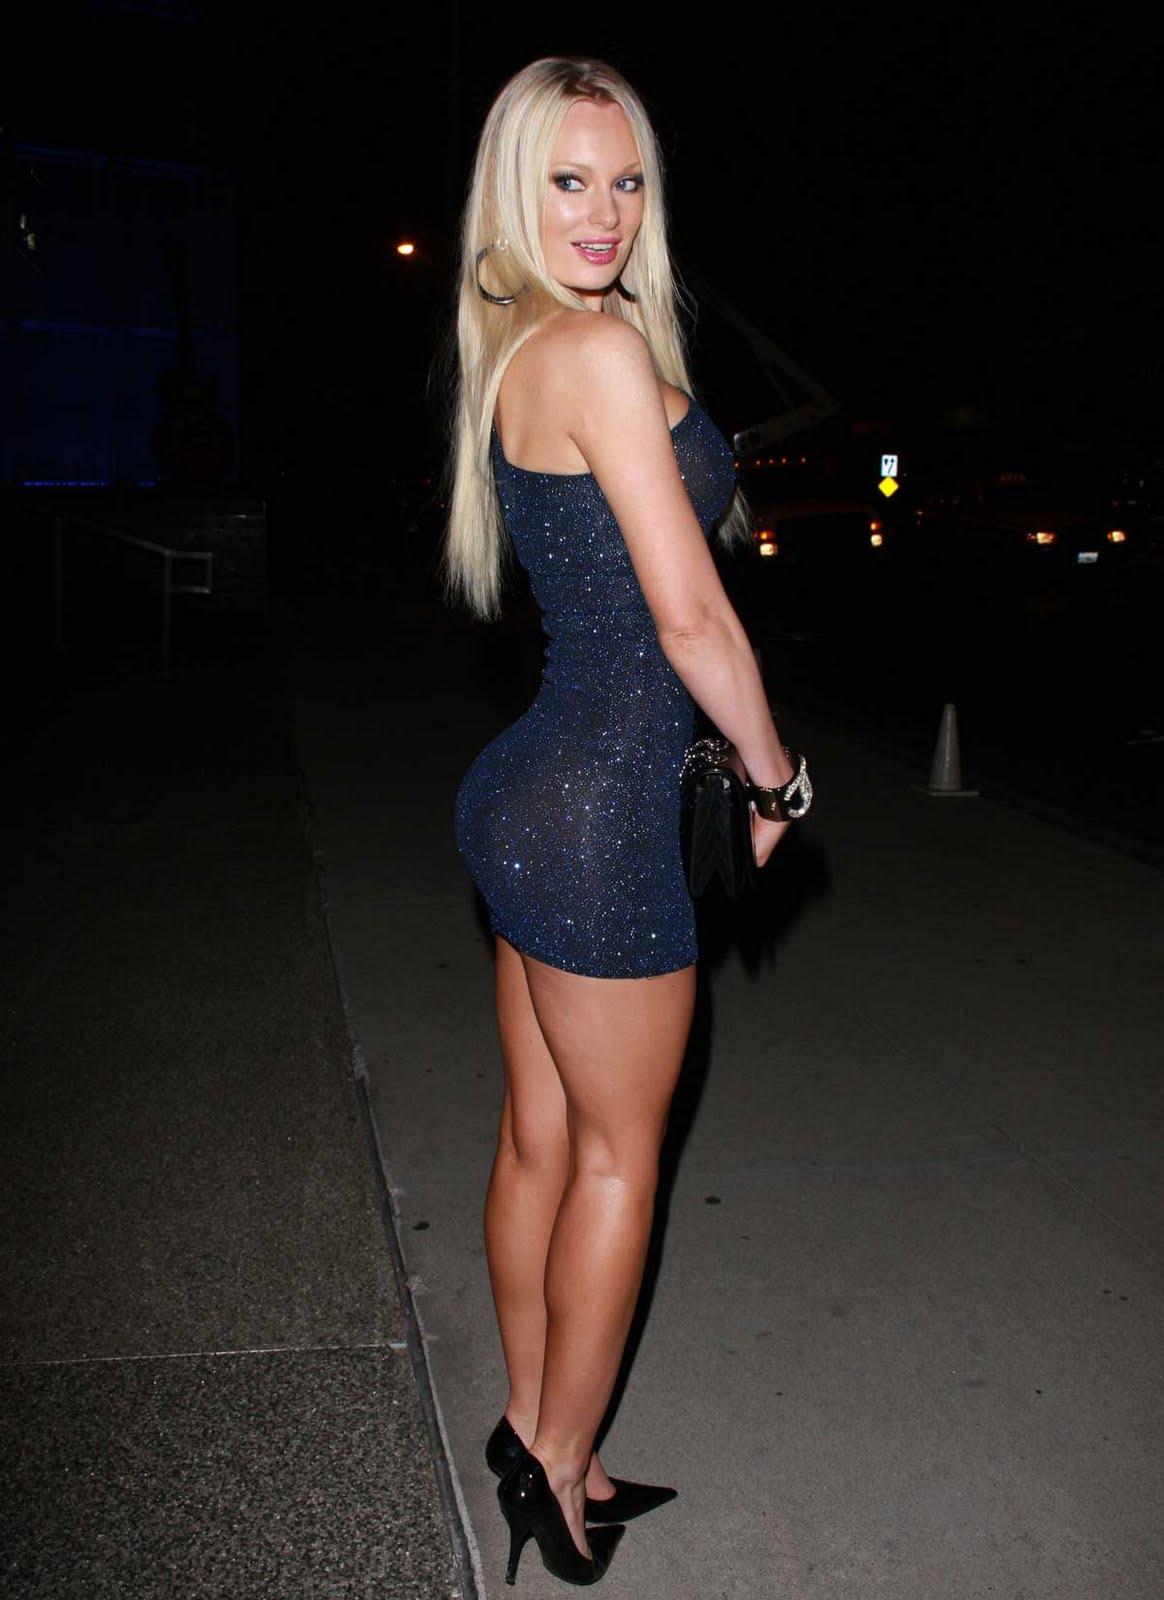 Фото блондинка в юбке платьях 1 фотография